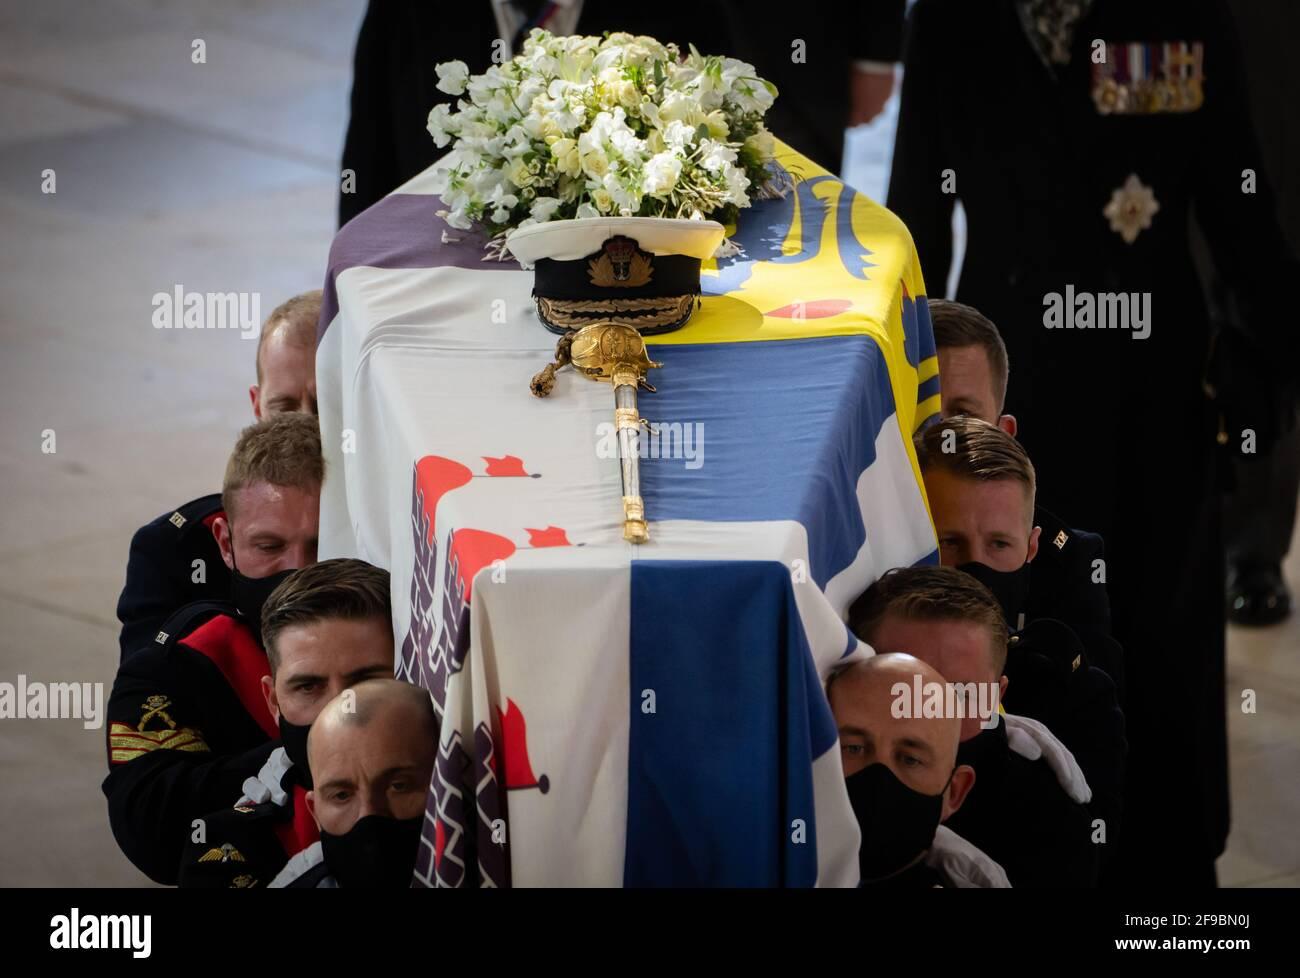 Les porteurs de Pall portant le cercueil lors des funérailles du duc d'Édimbourg dans la chapelle Saint-Georges, château de Windsor, Berkshire. Date de la photo: Samedi 17 avril 2021. Banque D'Images